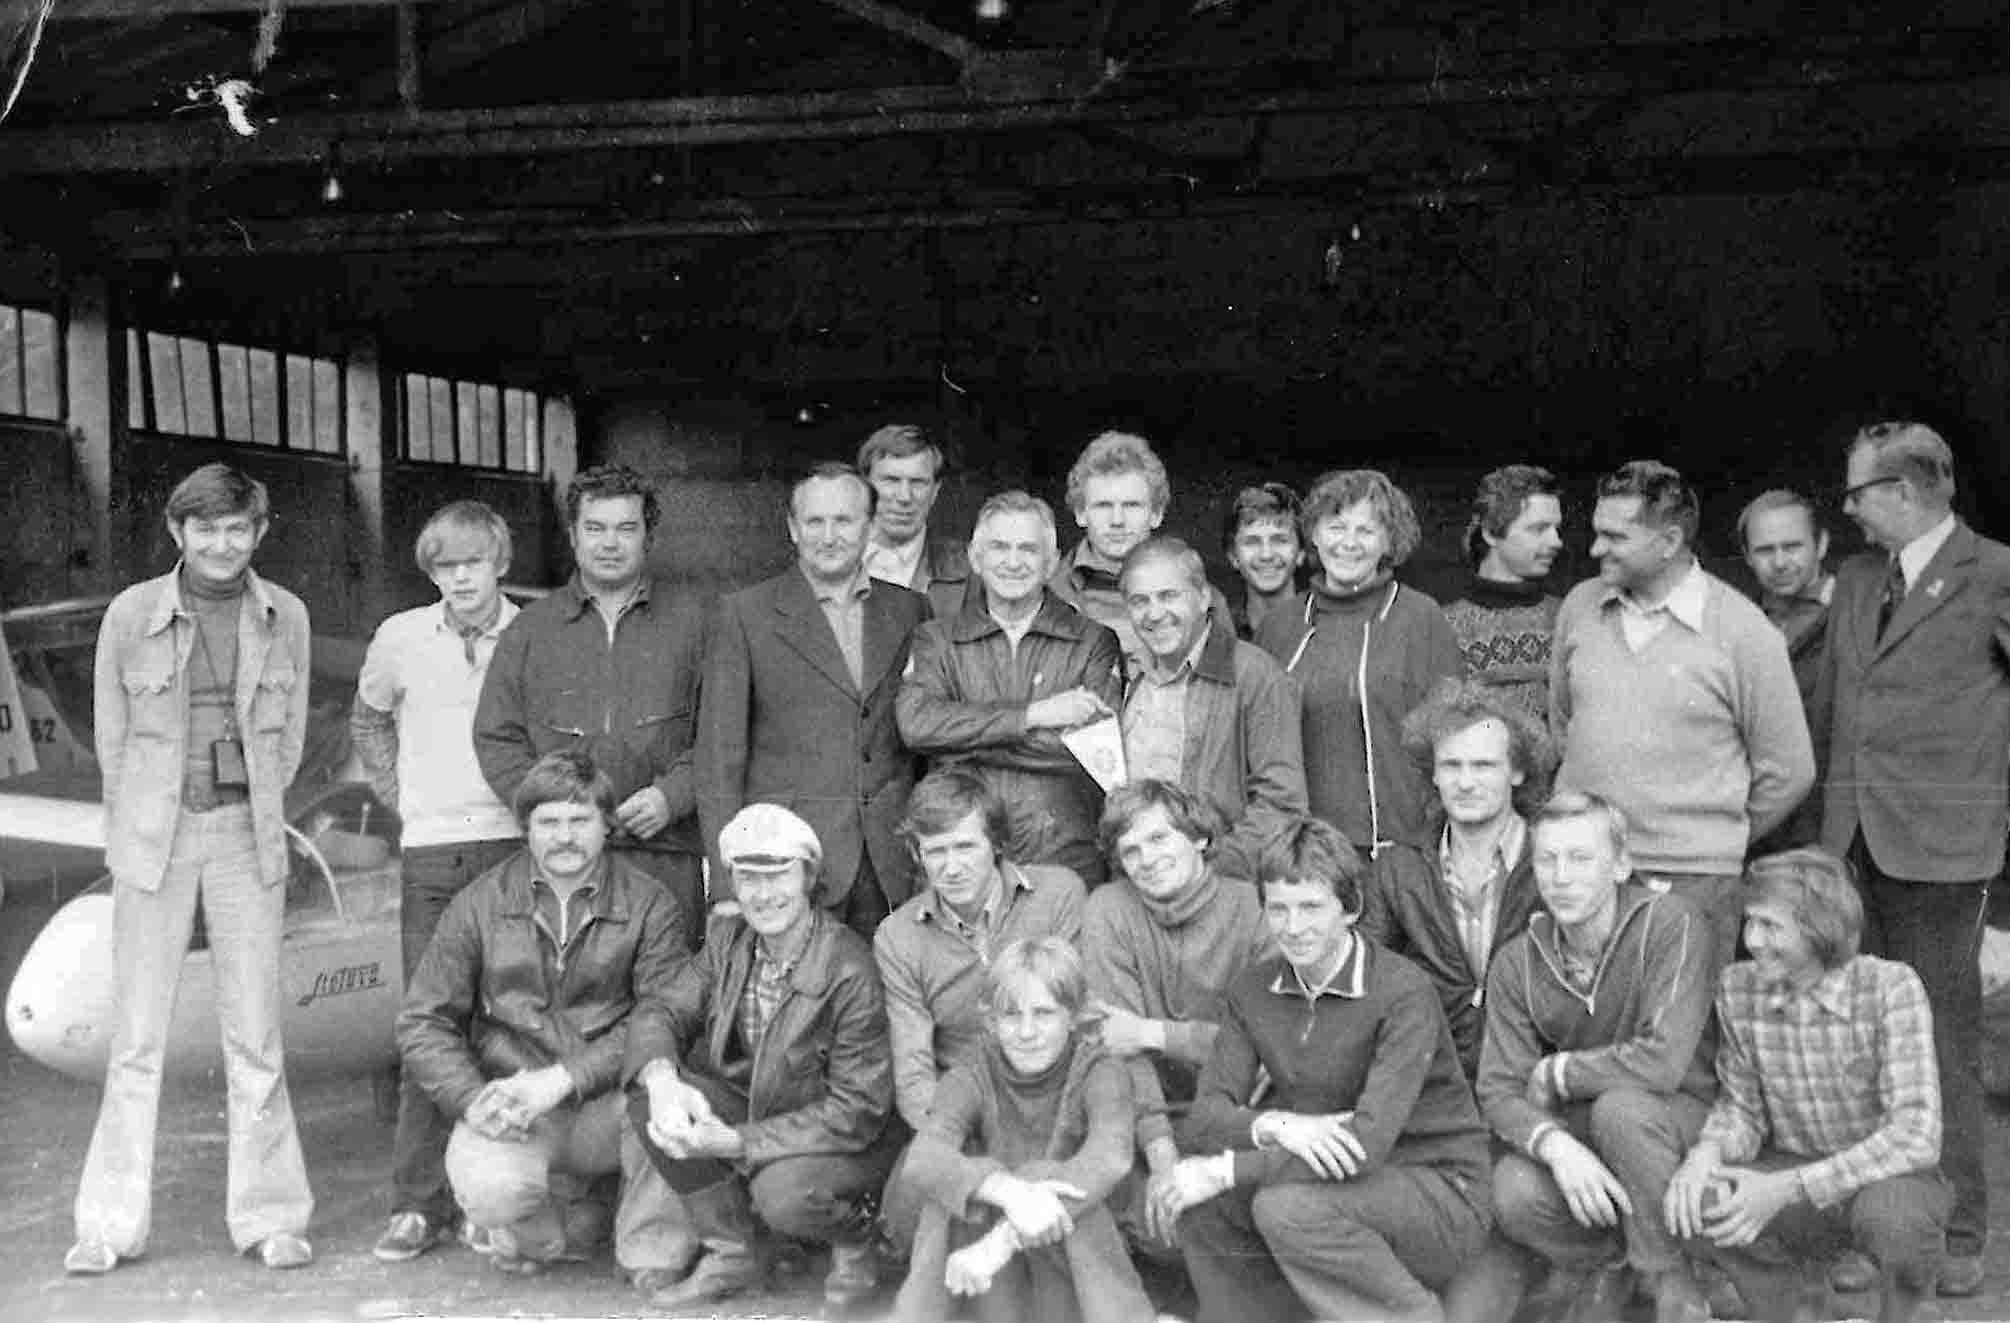 Lėktuvų konstruktorius O.Antonovas Paluknės aerodrome I